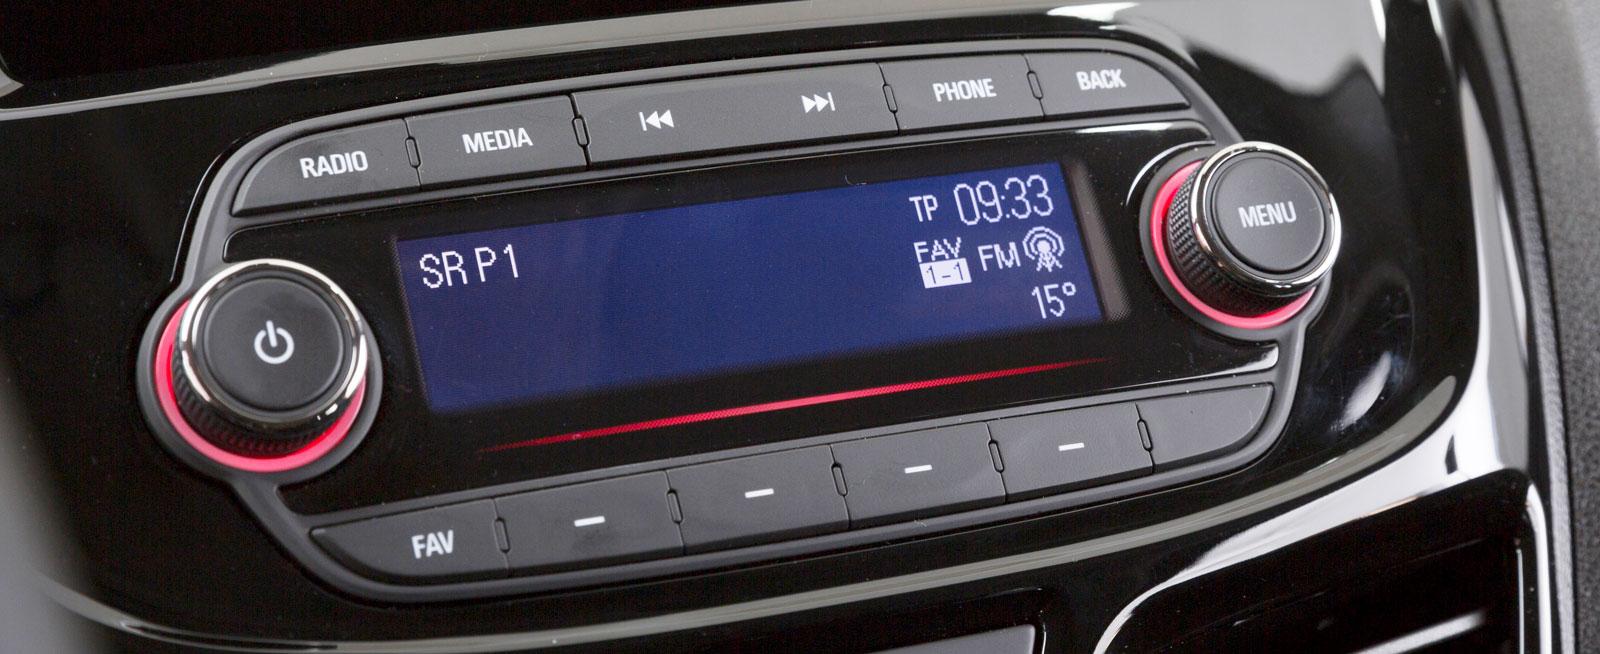 Testbilen var inte utrustad med intelliLink och 7-tumsskärm som är tillval (se mediefunktioner). Standard är en radio med blutooth och styrning med rattknappar.